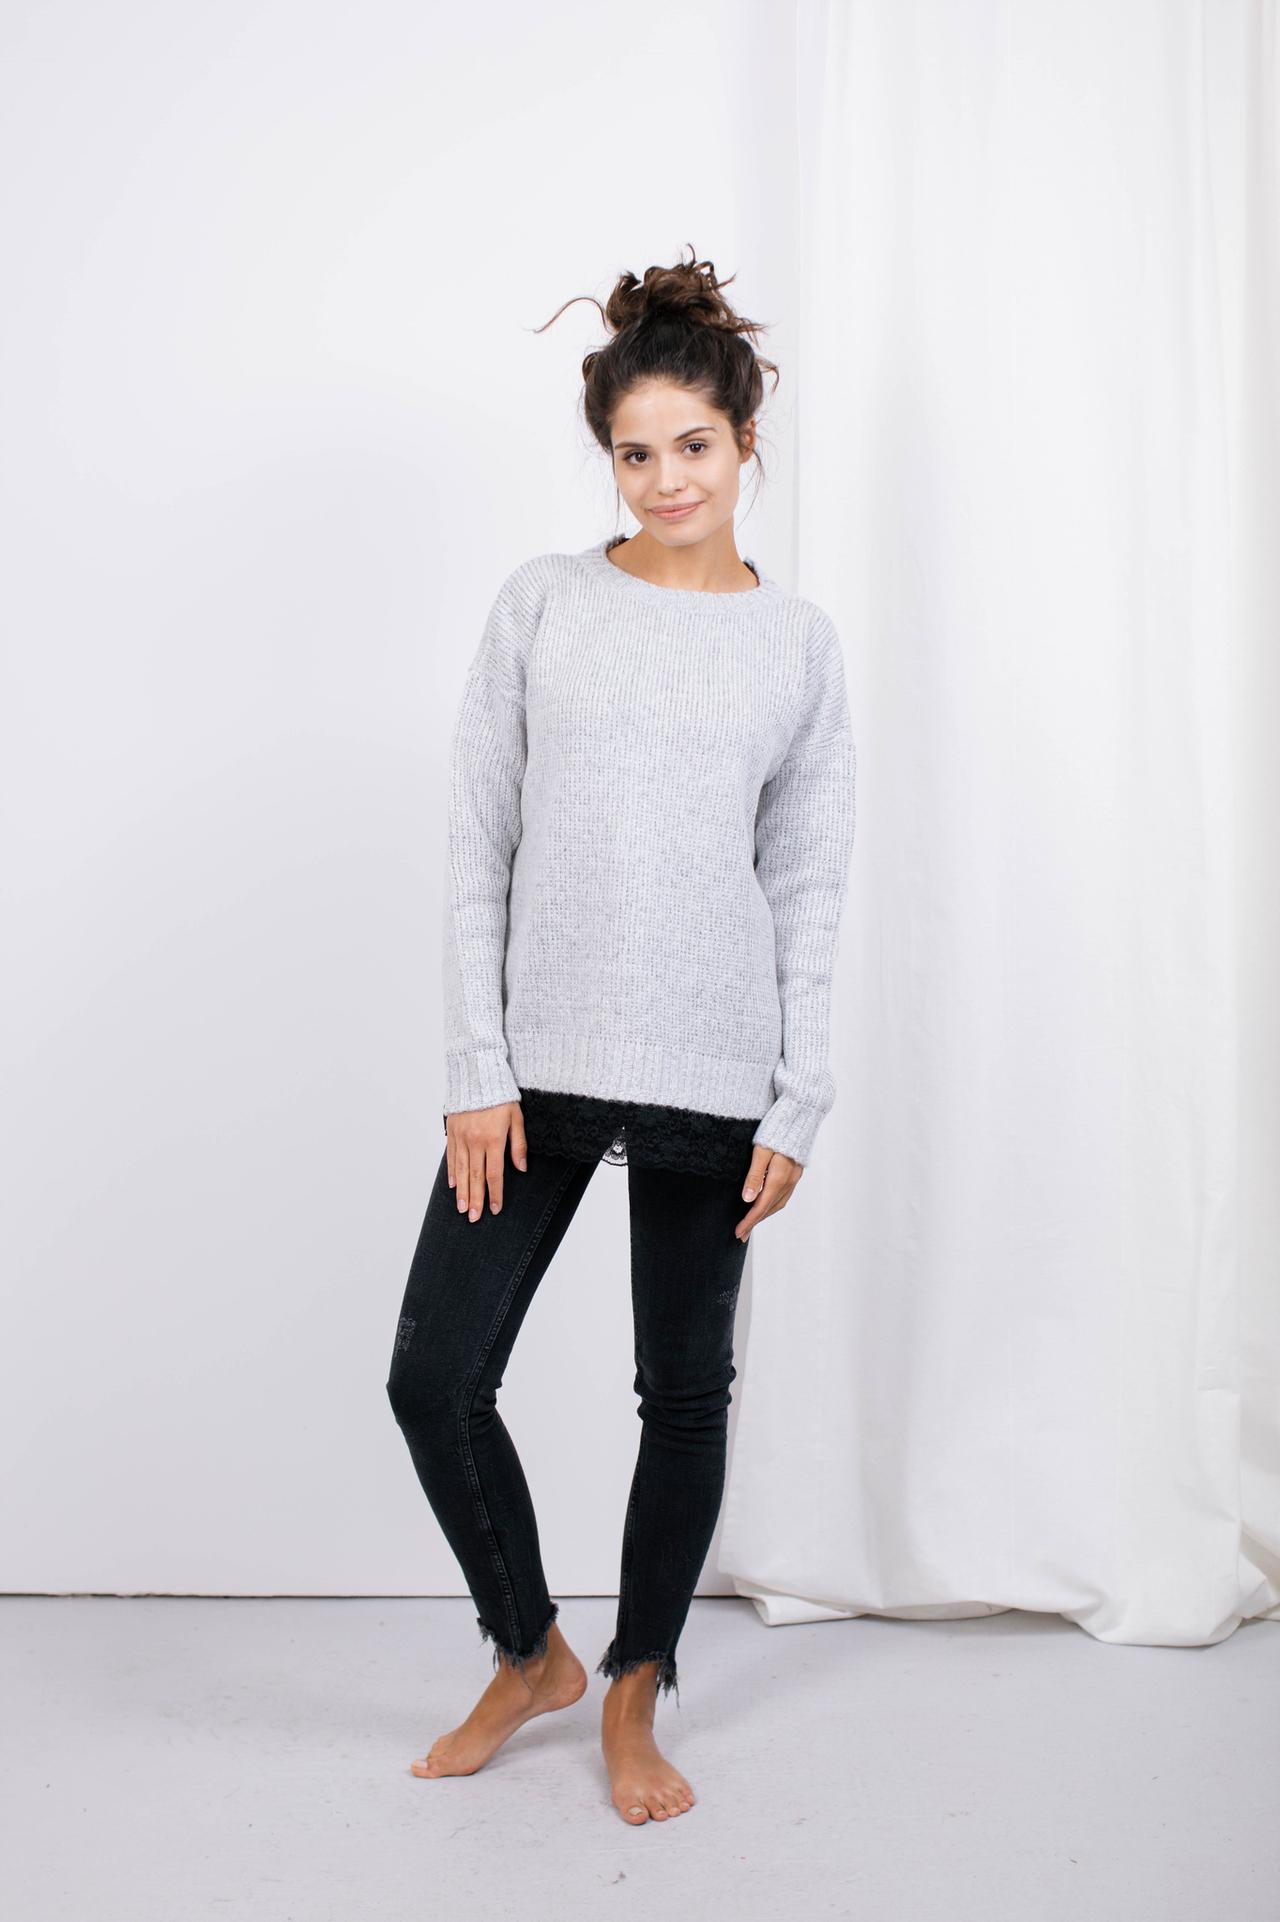 Sweater in Hellgrau mit Spitzensaum Komplettansicht